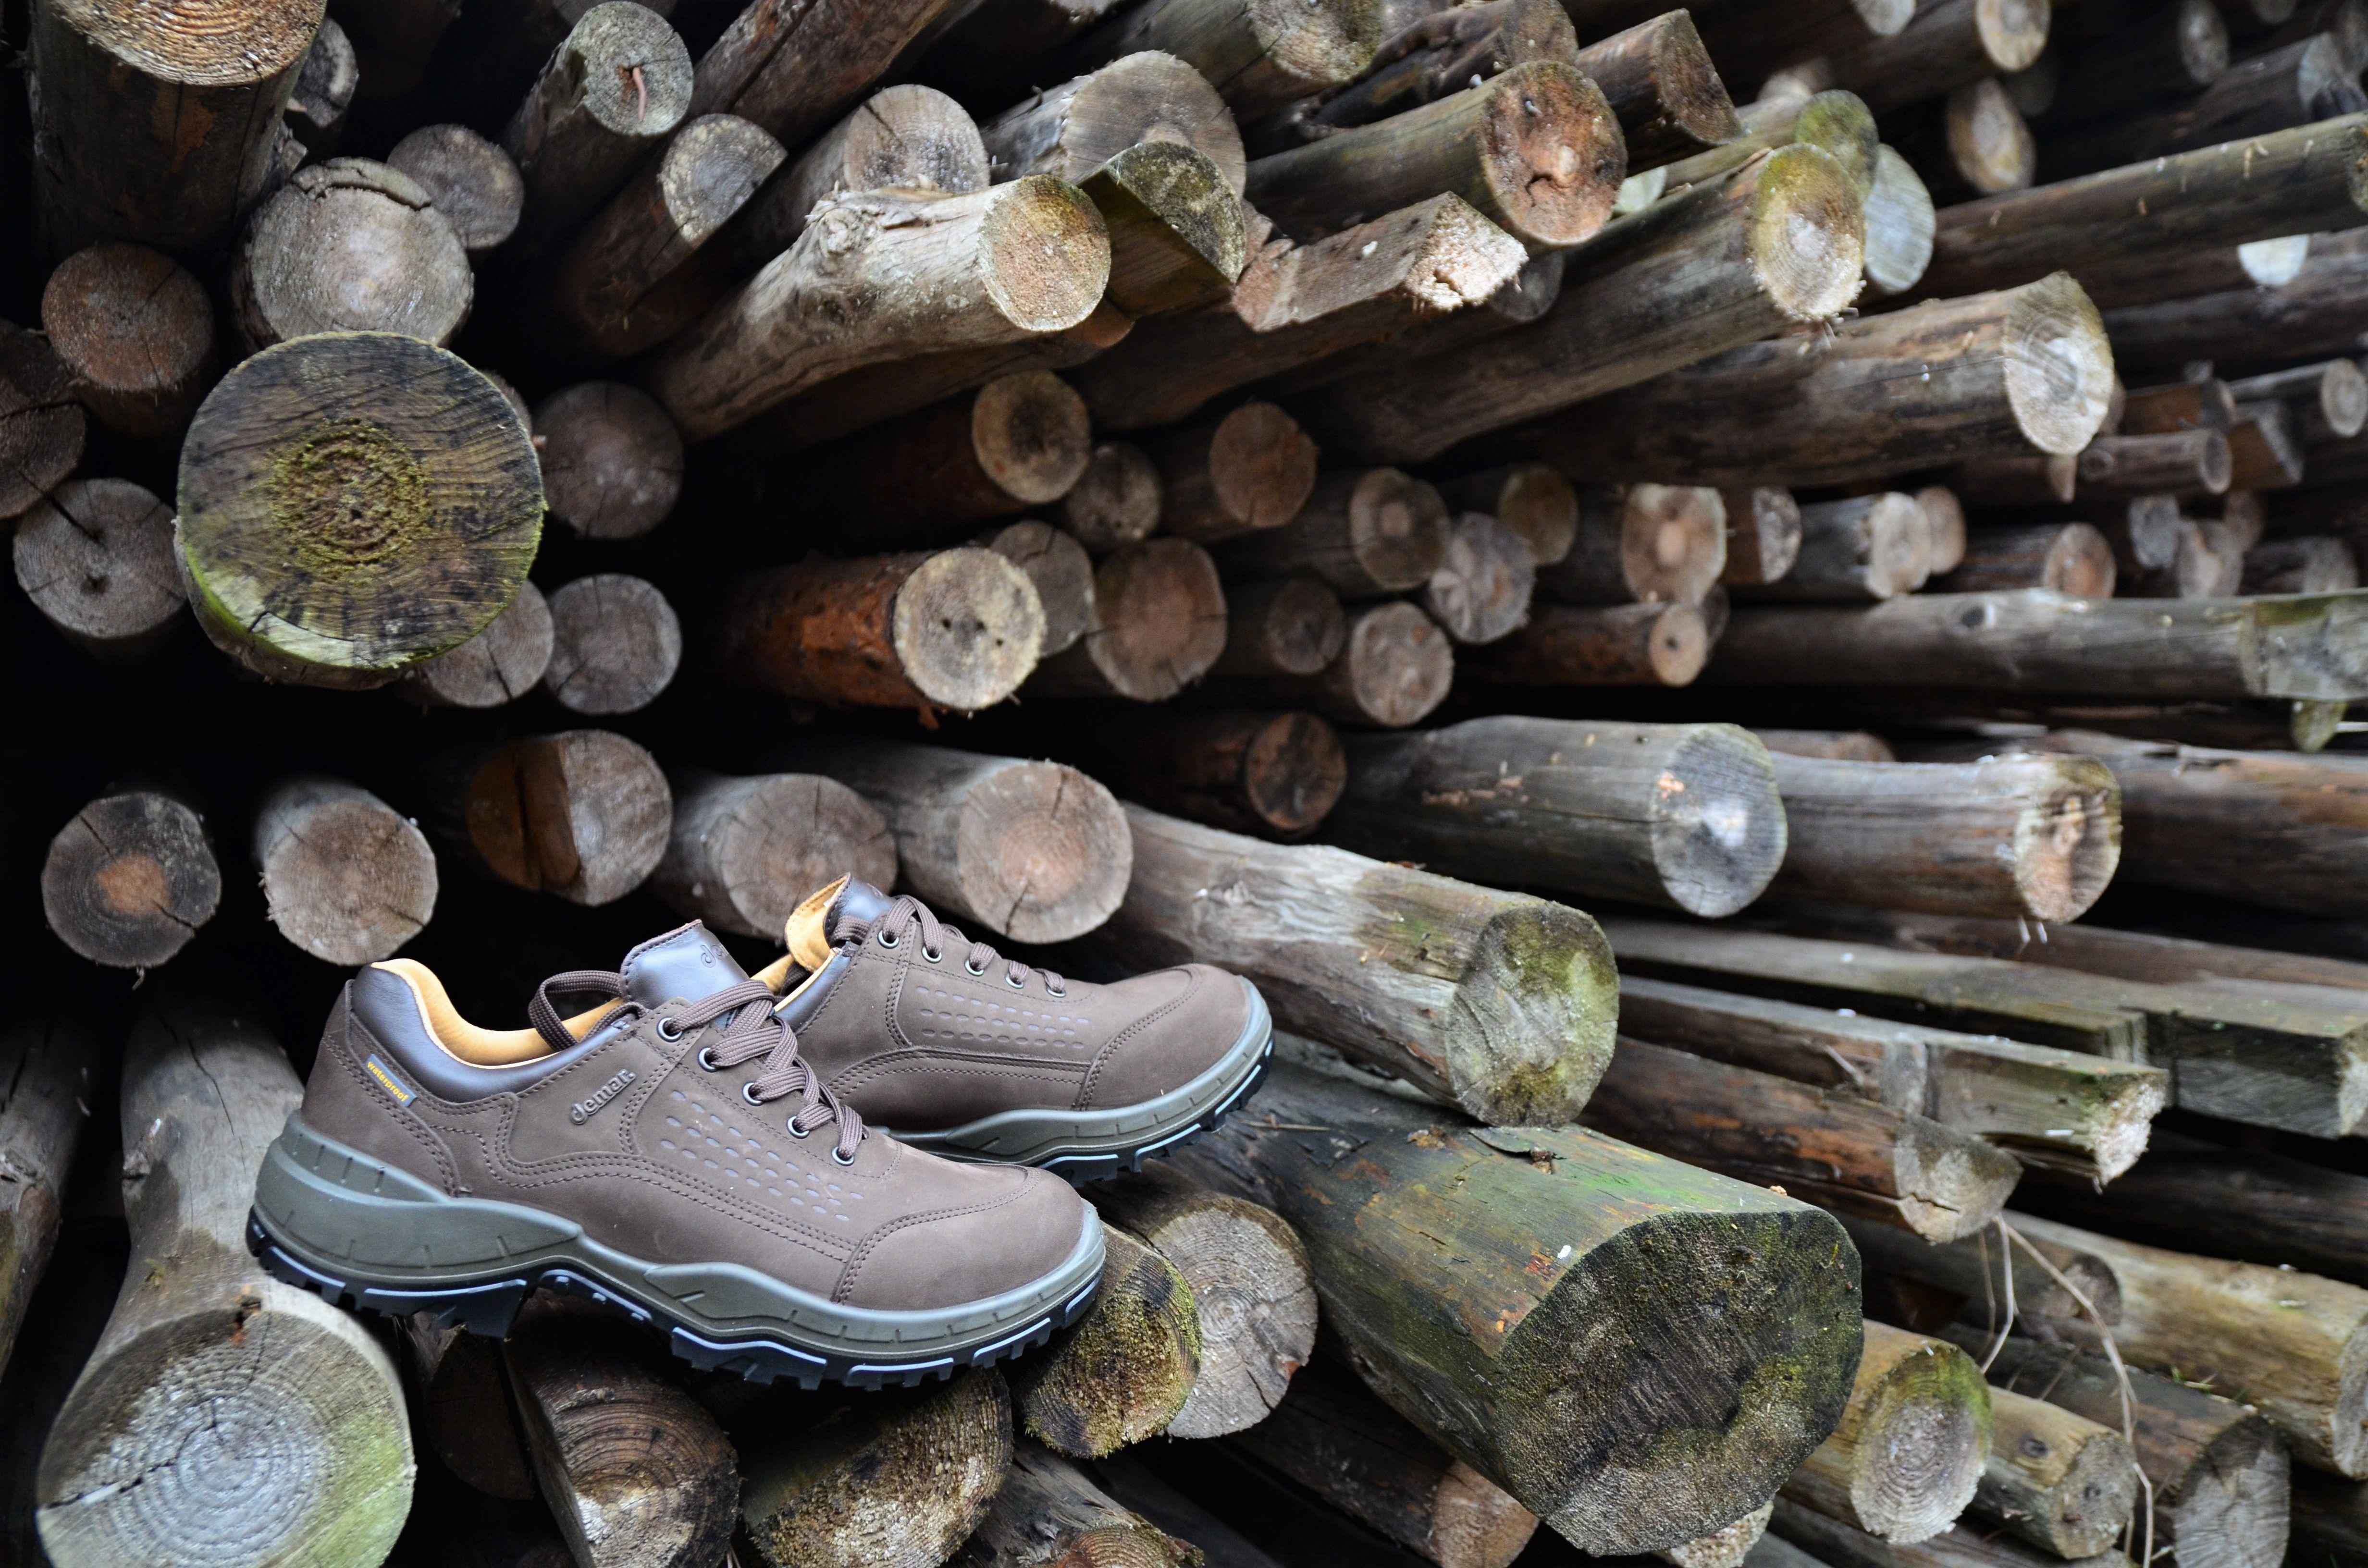 Kiedy Lesna Glusza Wzywa Przydaloby Sie Miec Pod Reka Wygodne Obuwie Trekkingowe Mysliwskie Czy Wedkarskie Obuwie Znajdziesz U Nas Shoes Hiking Boots Vibram